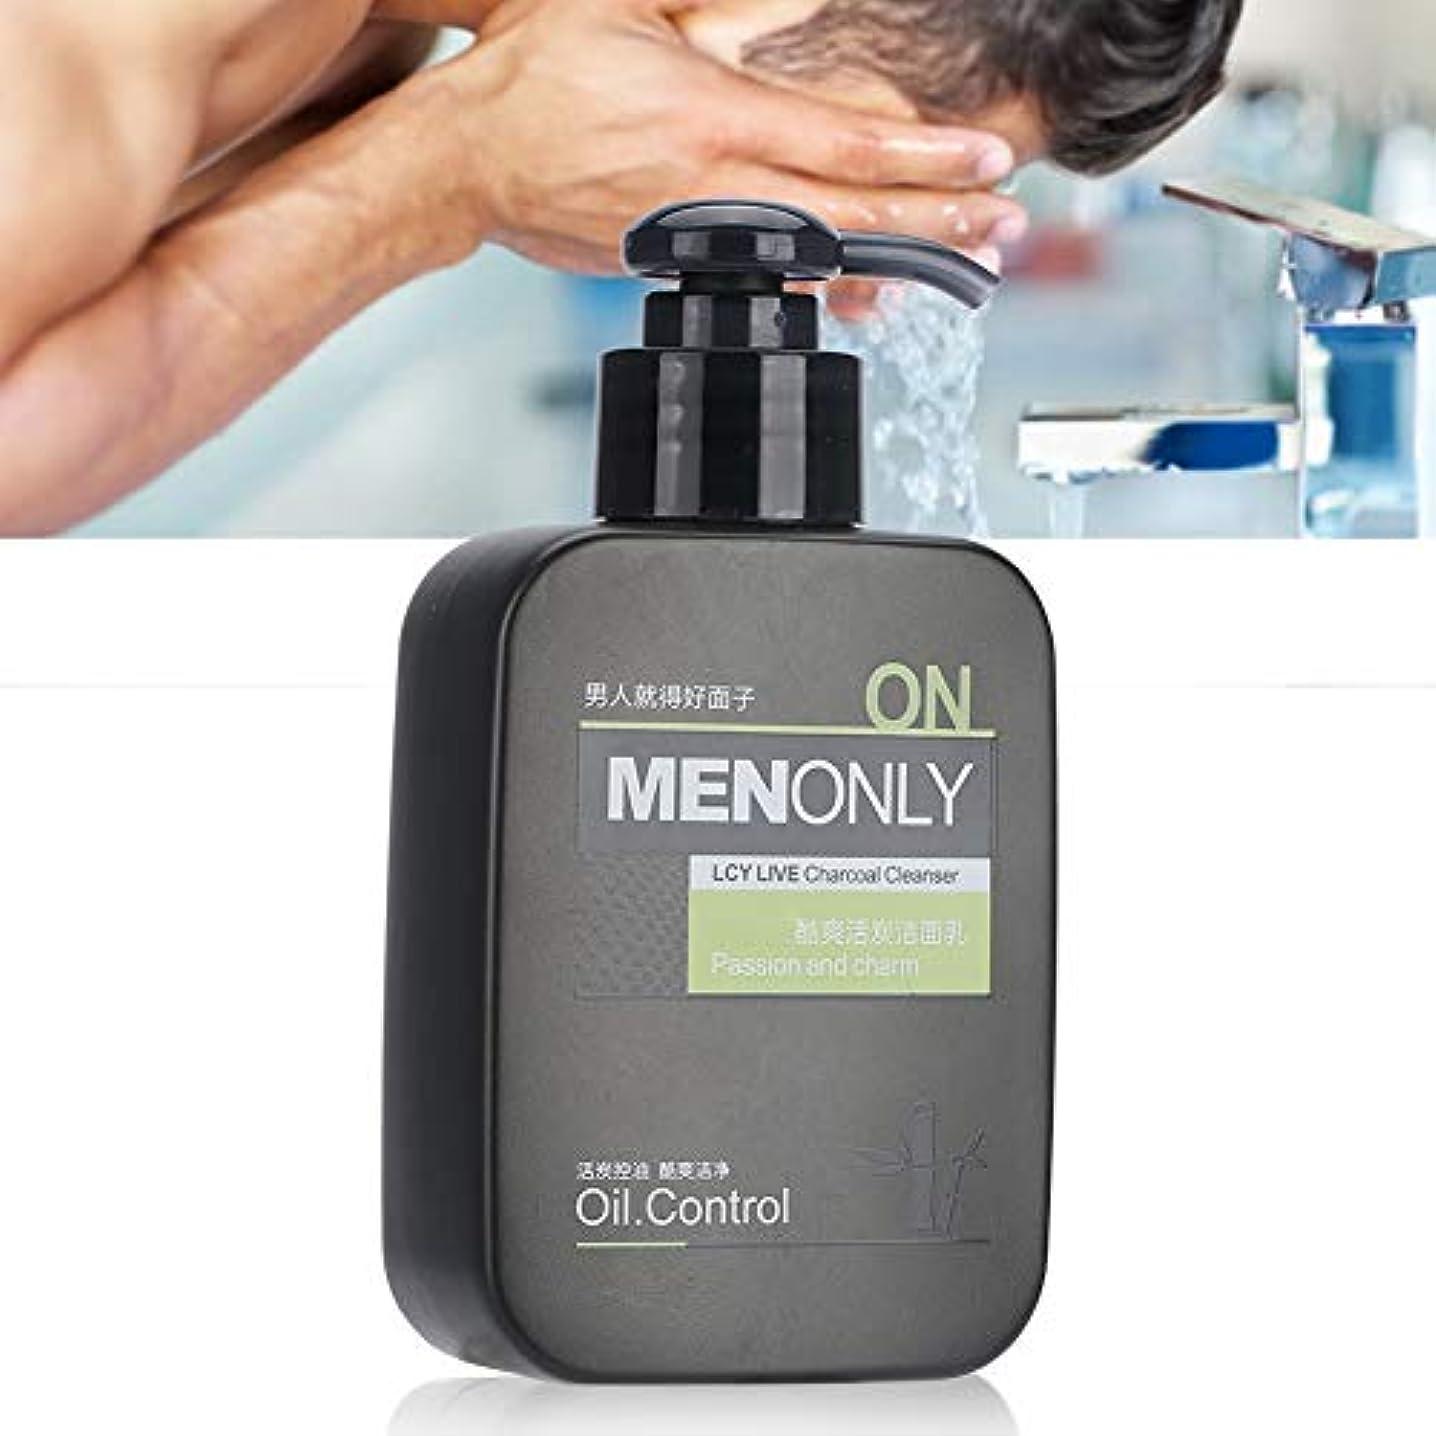 クルーズ緩むシリンダー活性炭用洗剤、オイルコントロール用洗剤、にきび用洗剤、男性用洗顔用フォーム洗剤168ml